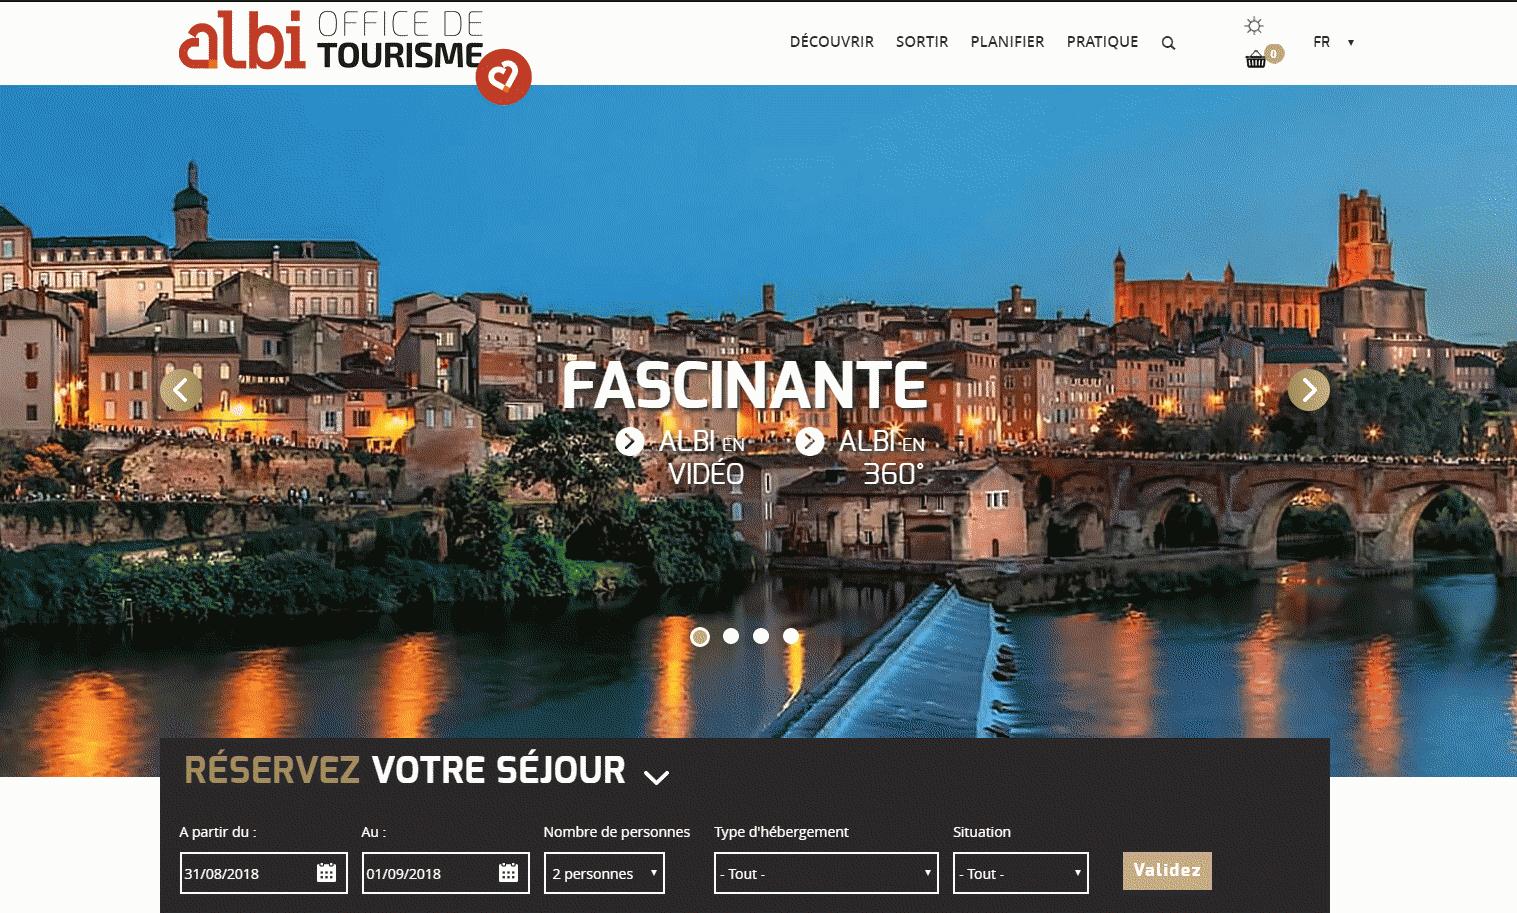 albi tourisme